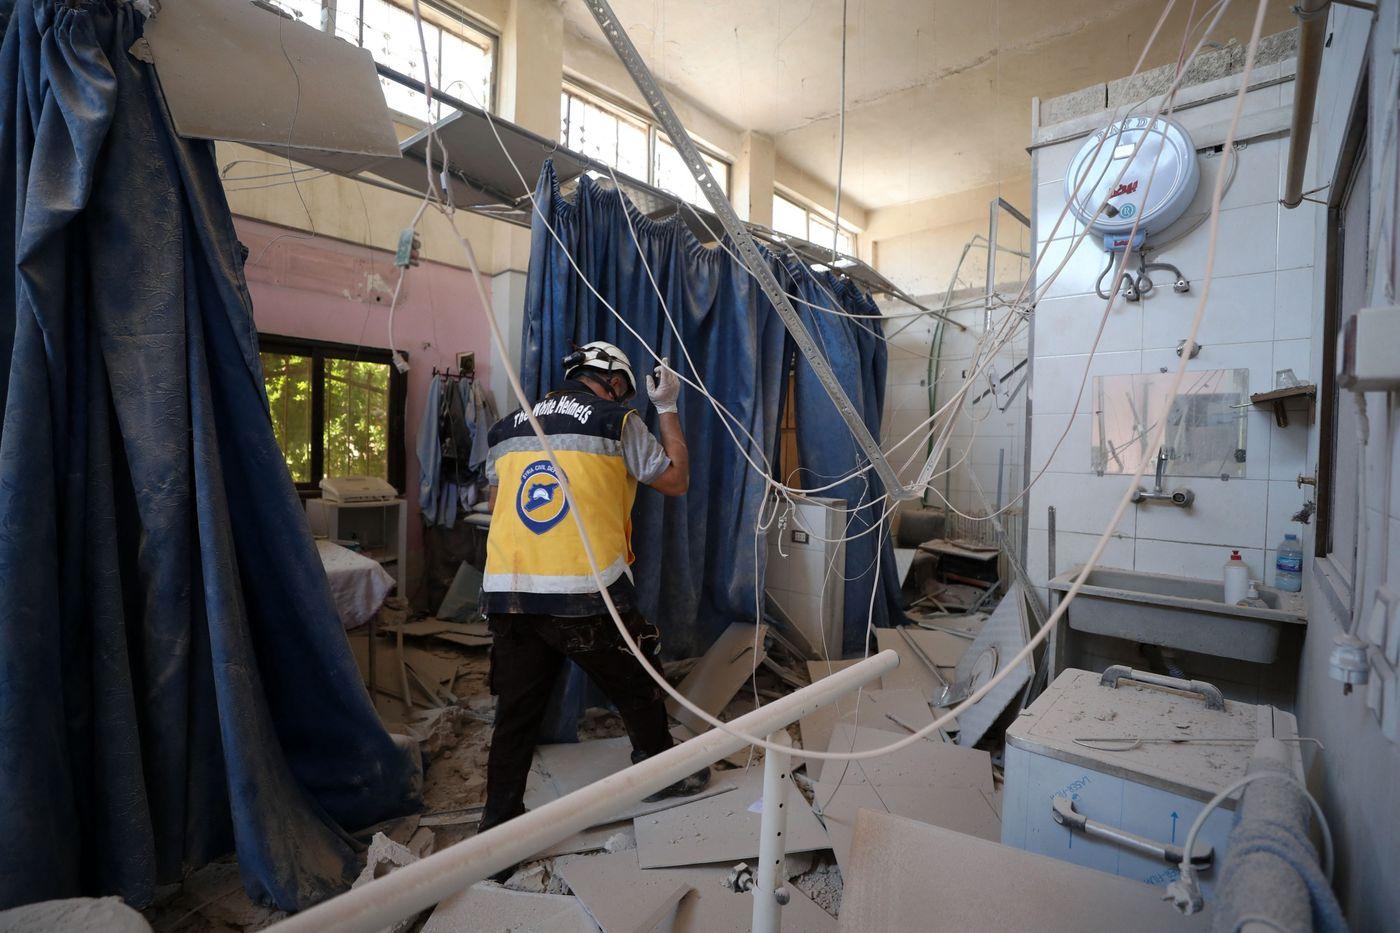 U.S. Condemns Attack on Syria Hospital as Biden to Meet Erdogan